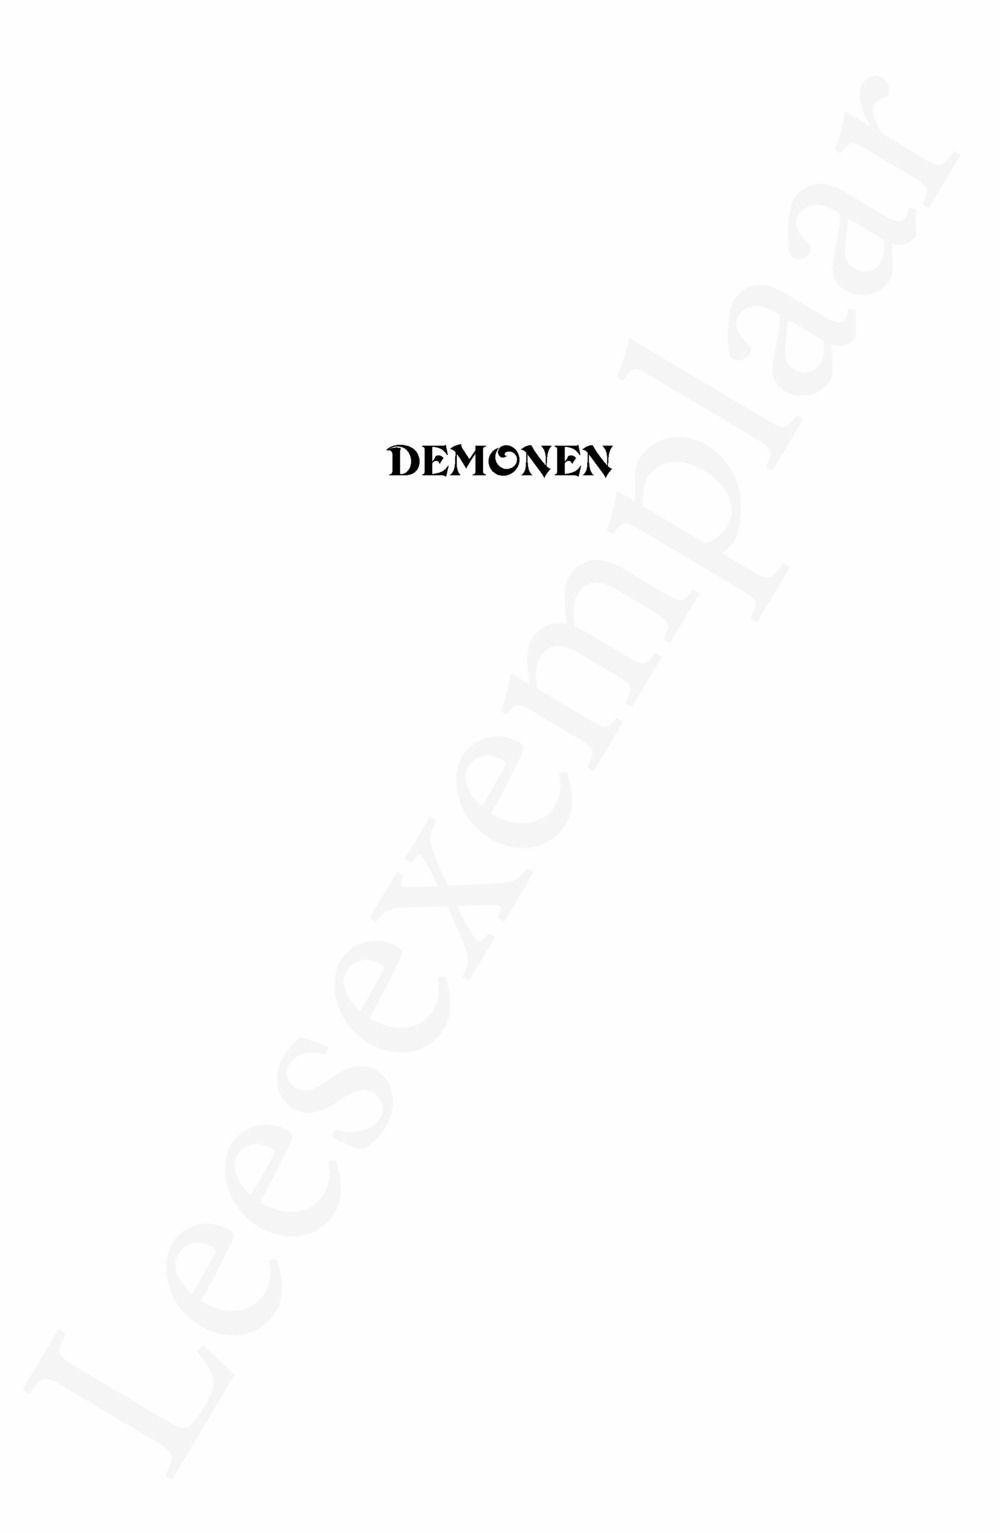 Preview: Demonen